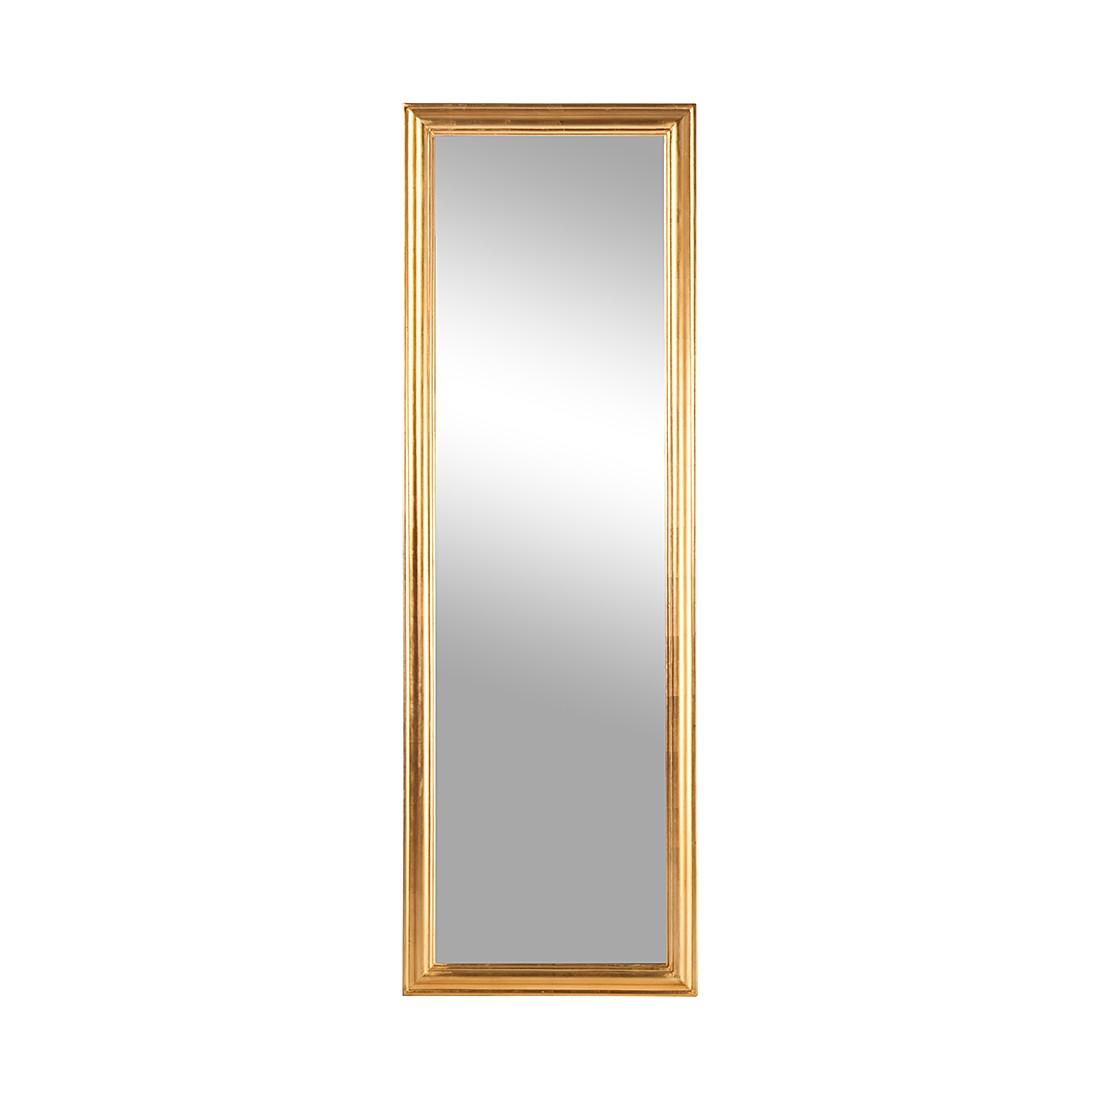 badspiegel online kaufen m bel suchmaschine. Black Bedroom Furniture Sets. Home Design Ideas